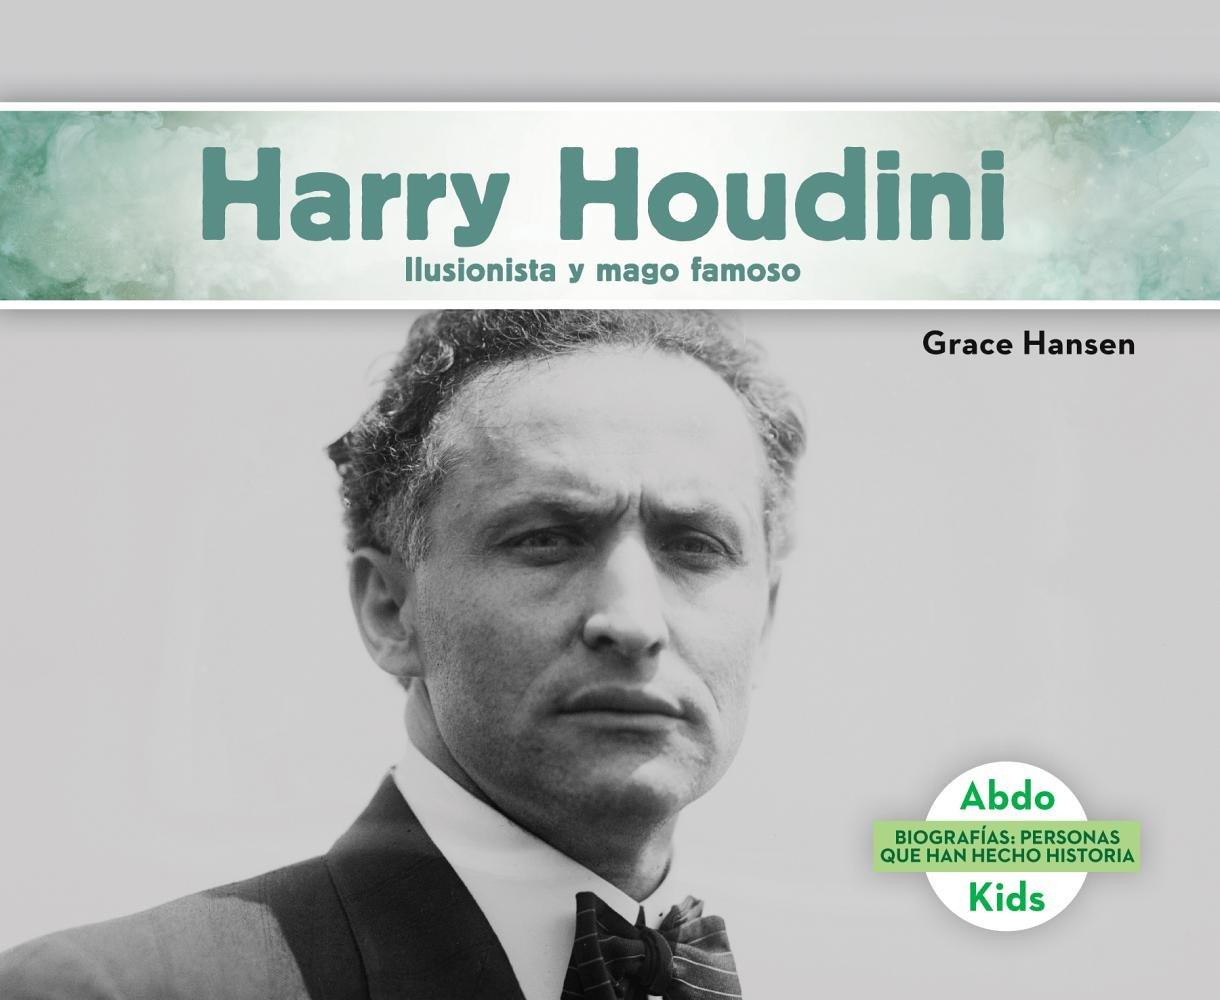 Read Online Harry Houdini: Ilusionista y Mago Famoso (Harry Houdini: Illusionist & Stunt Performer) (Biografías: Personas Que Han Hecho Historia (History Ma) (Spanish Edition) PDF